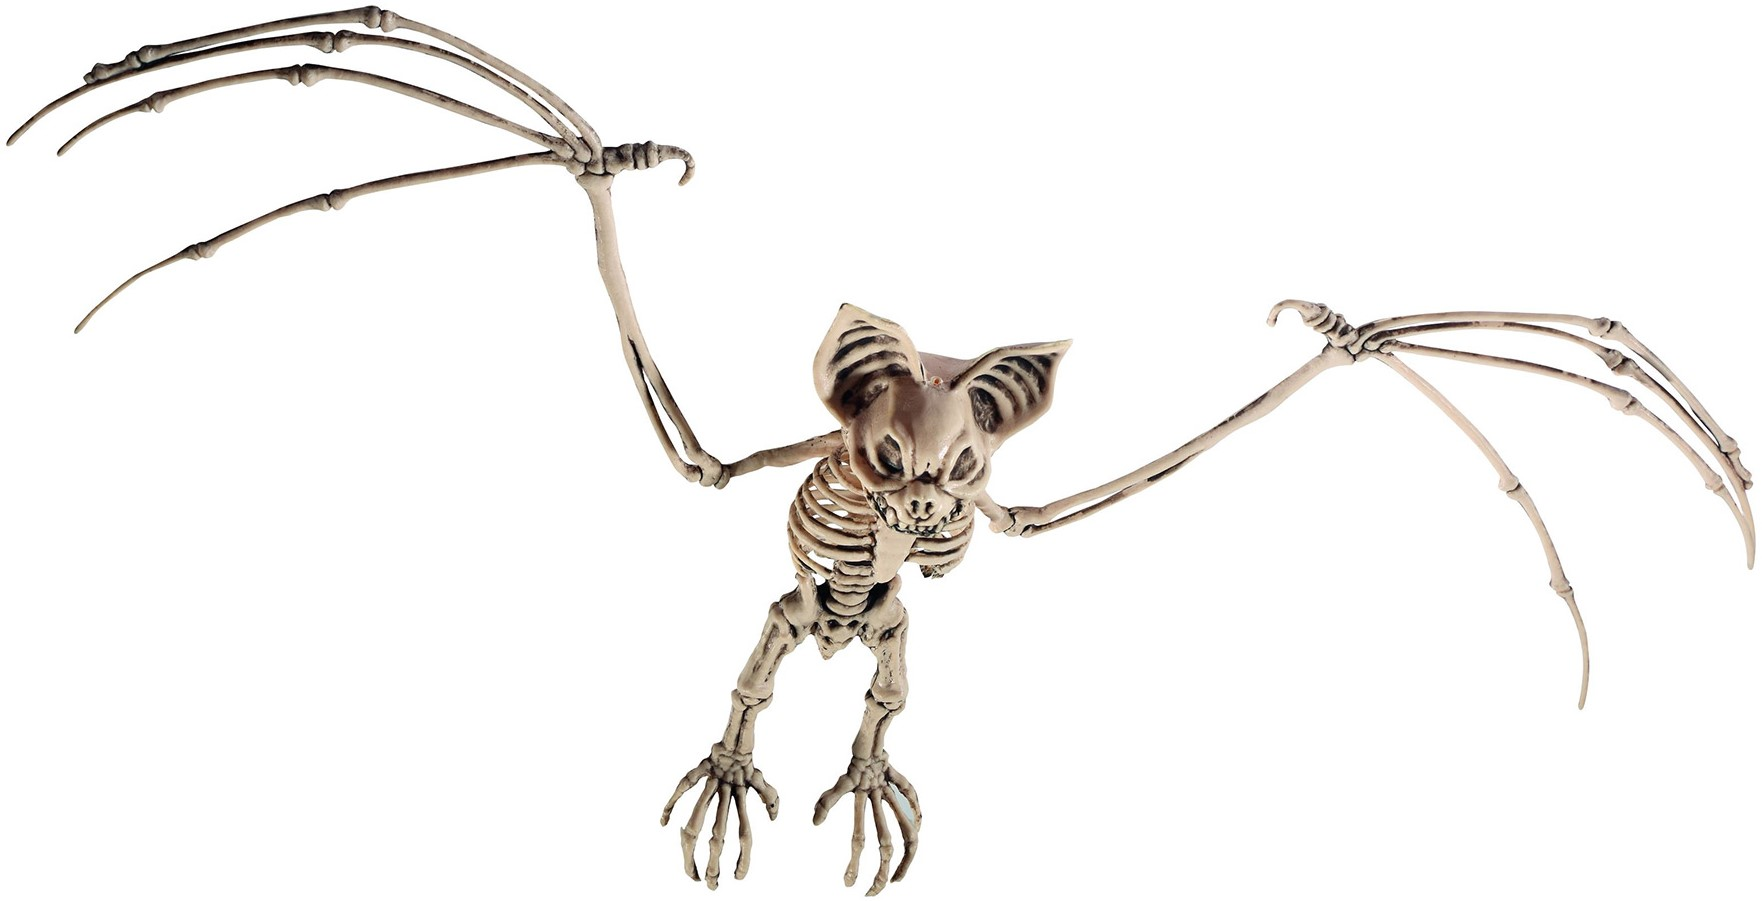 Skelet Voor Halloween.Halloween Hangdecoratie Skelet Vleermuis 72x32cm